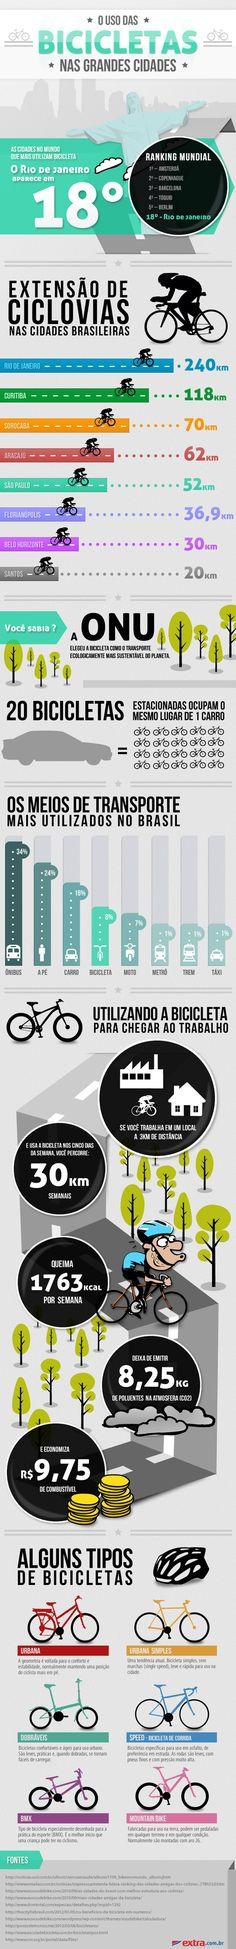 Infografico do uso das bicicletas nas grandes cidades por Extra.com.br